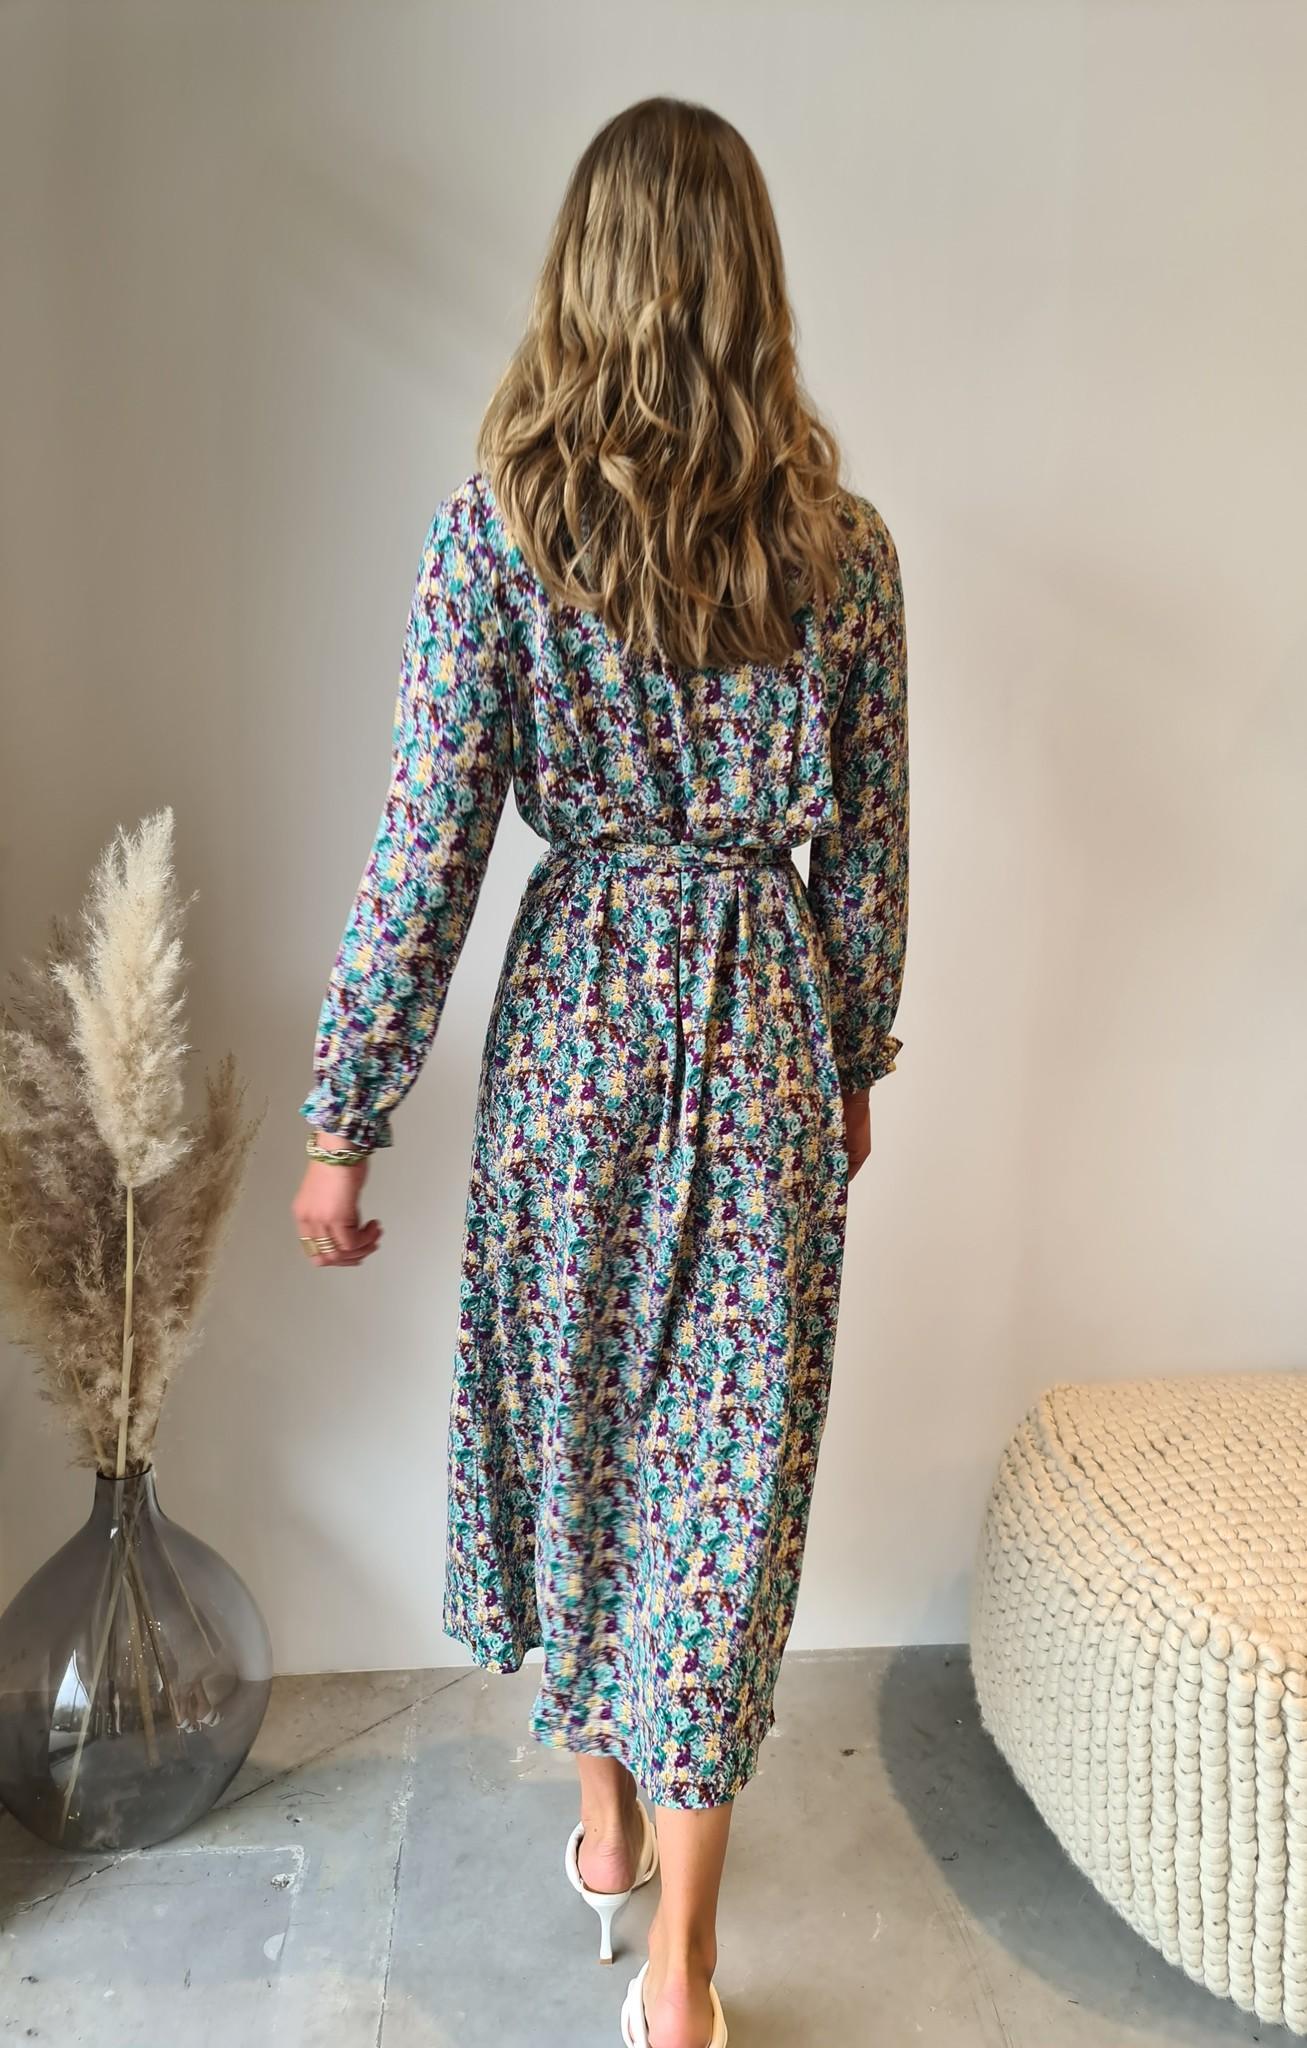 TIAGUA robe-3